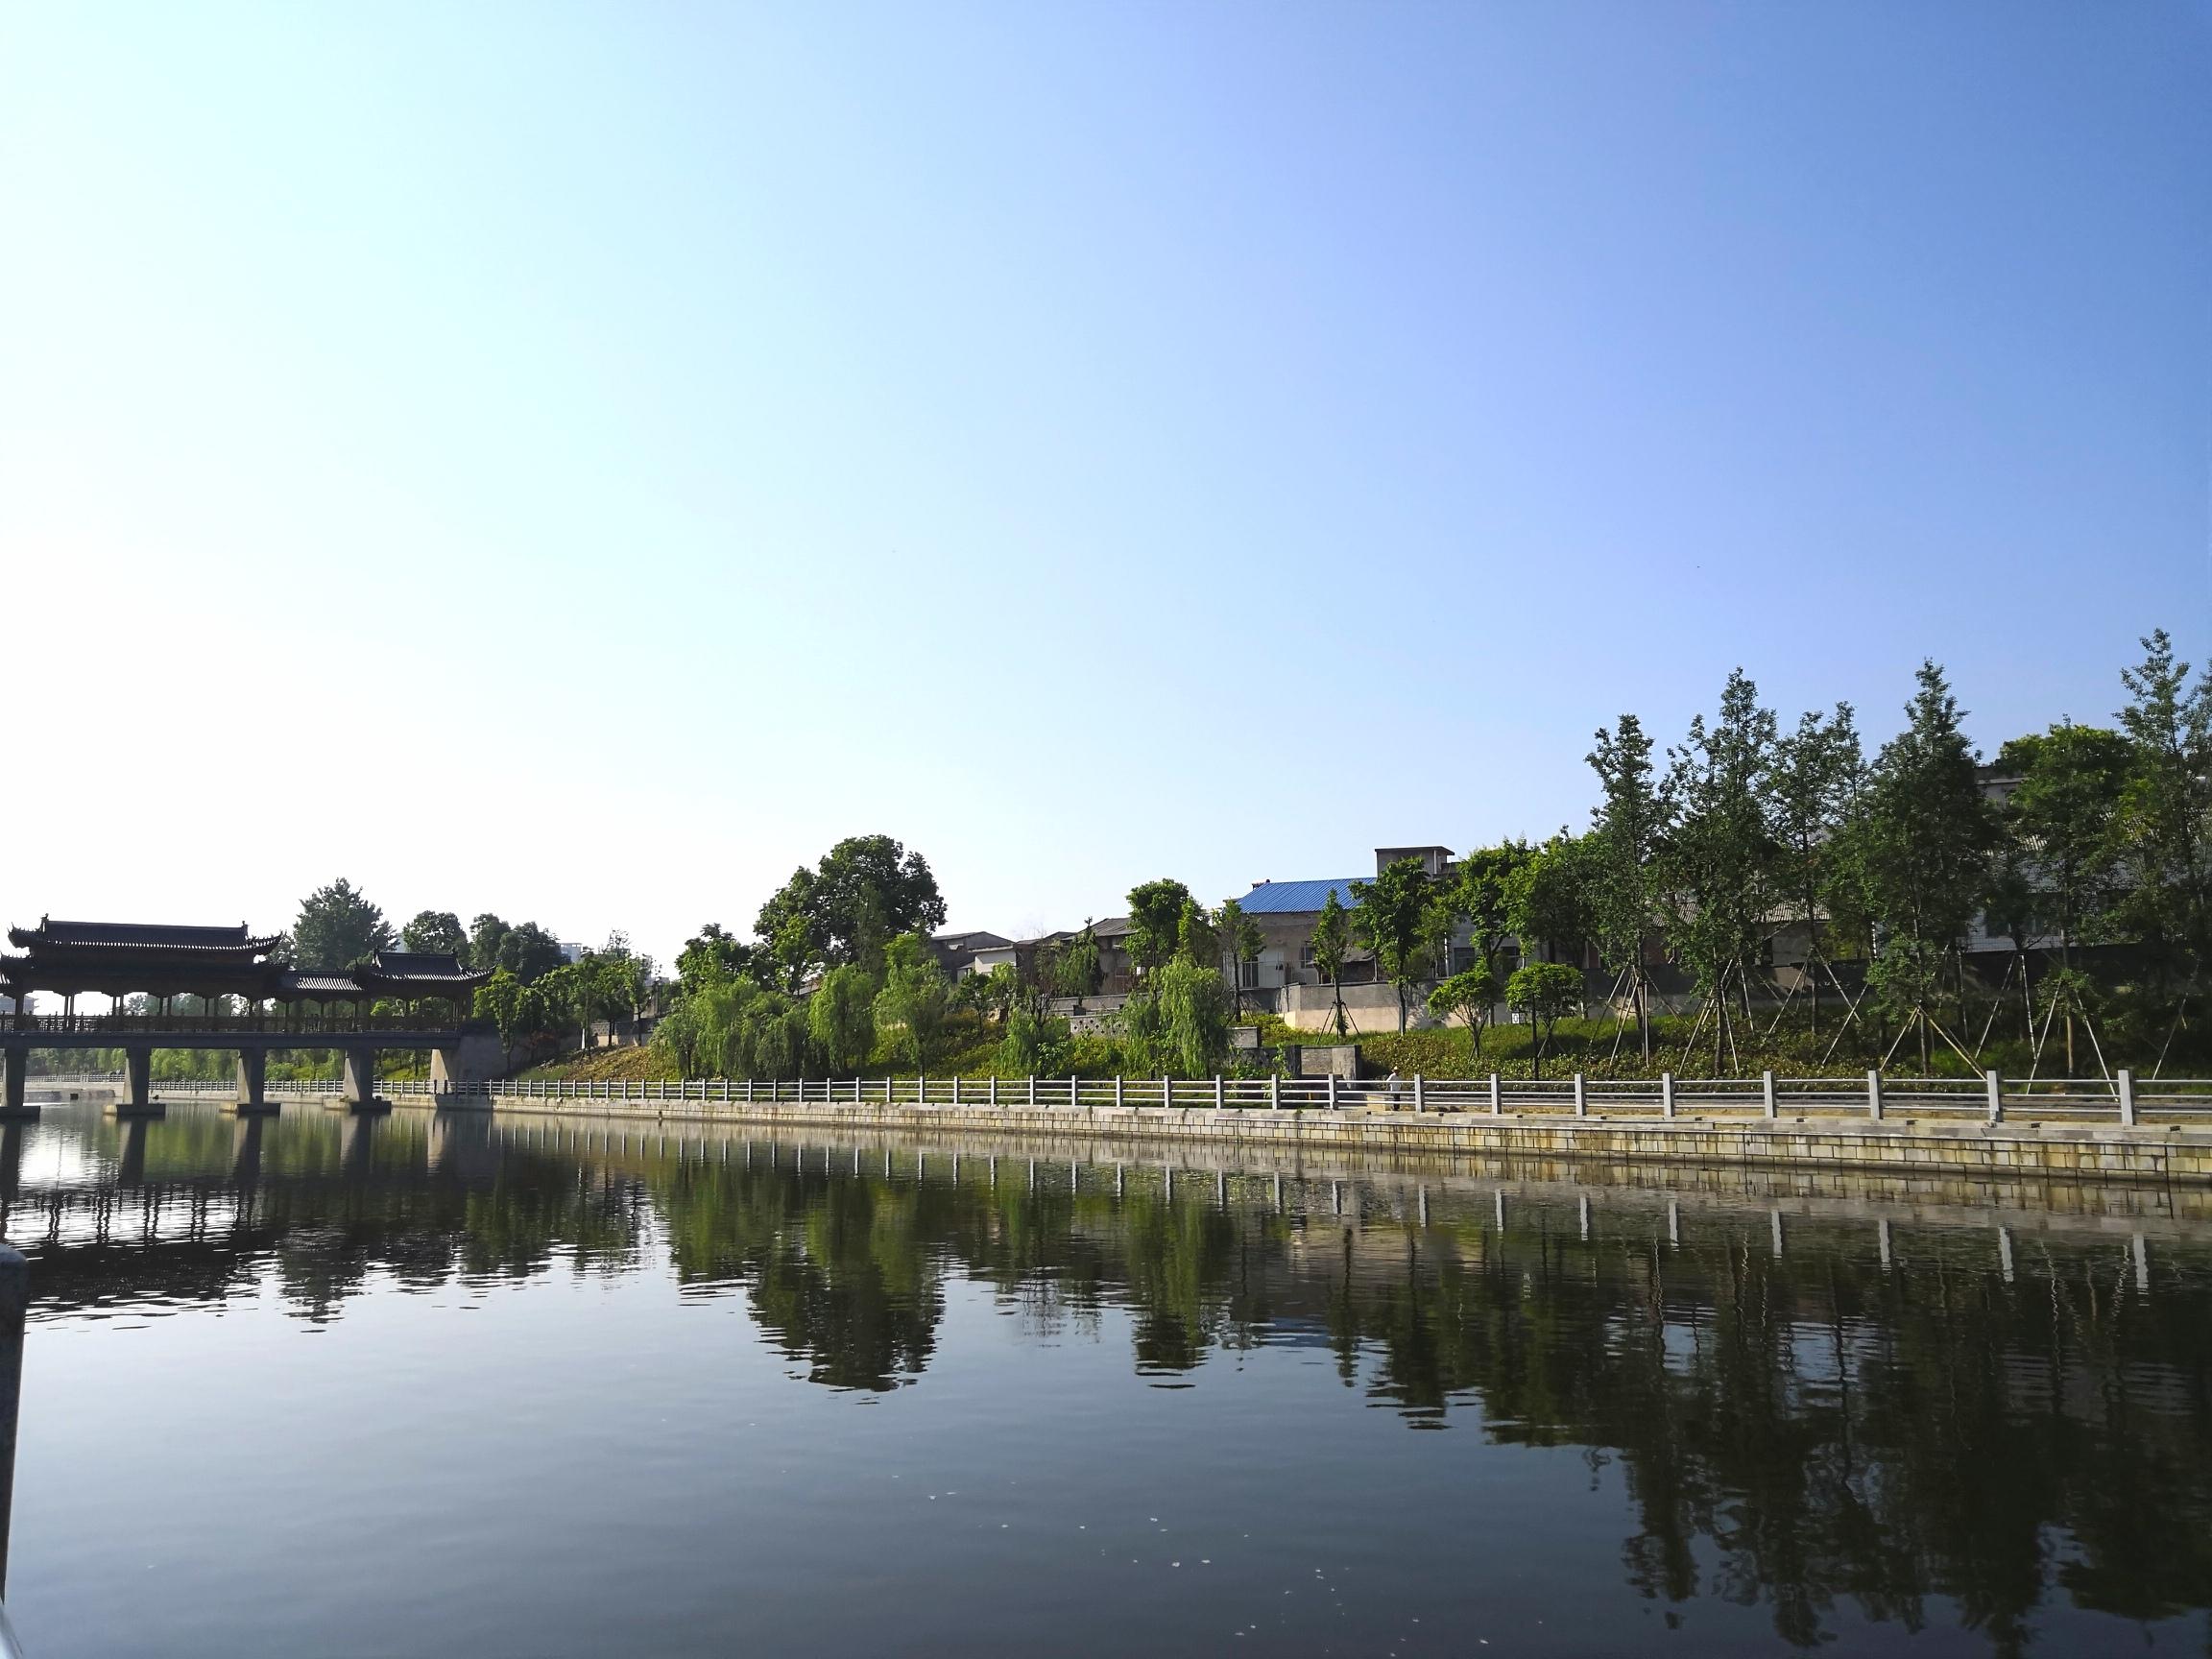 【美丽中国长江行】问渠哪得清如许,雷溪河水换新颜